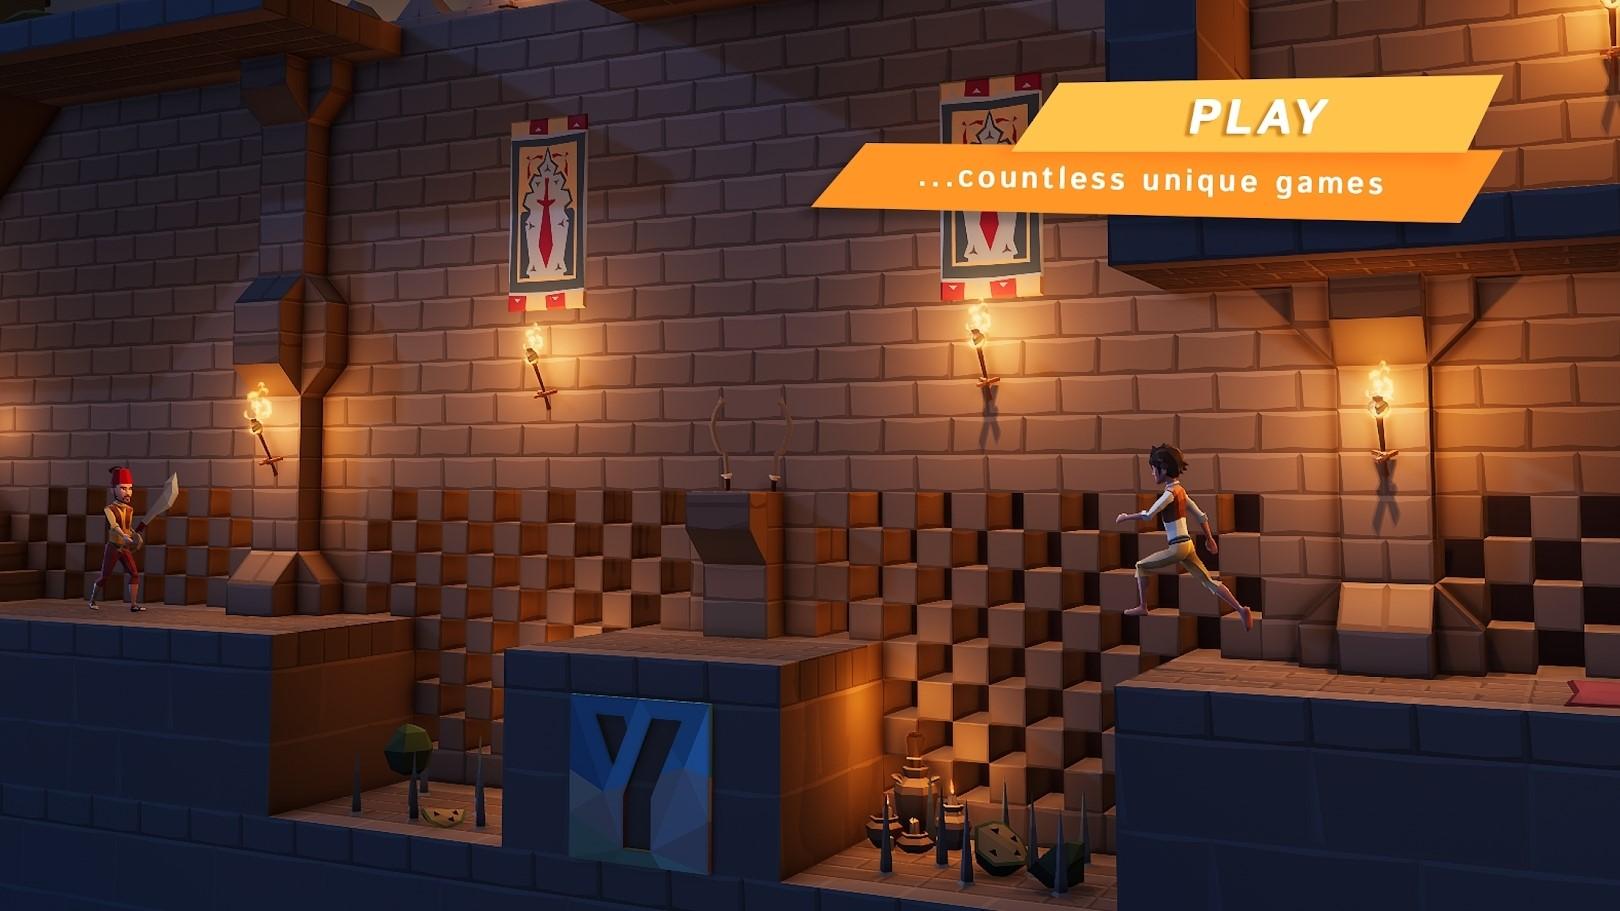 艾兰岛手机中文版官方游戏截图